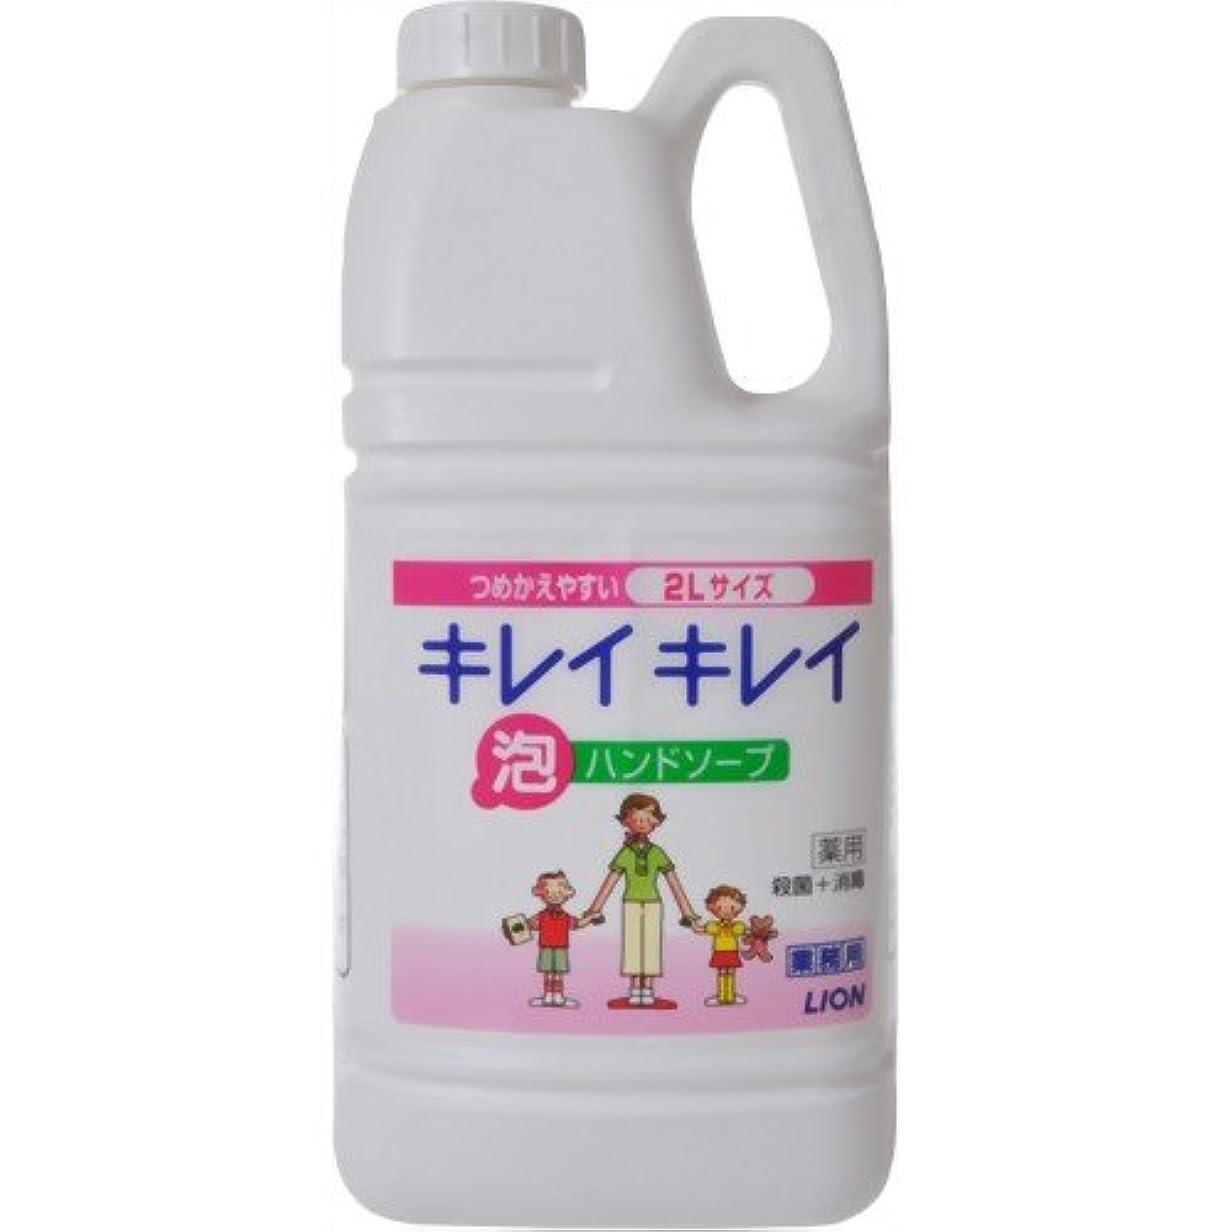 既に母稚魚キレイキレイ薬用泡ハンドソープ2L(業務用)